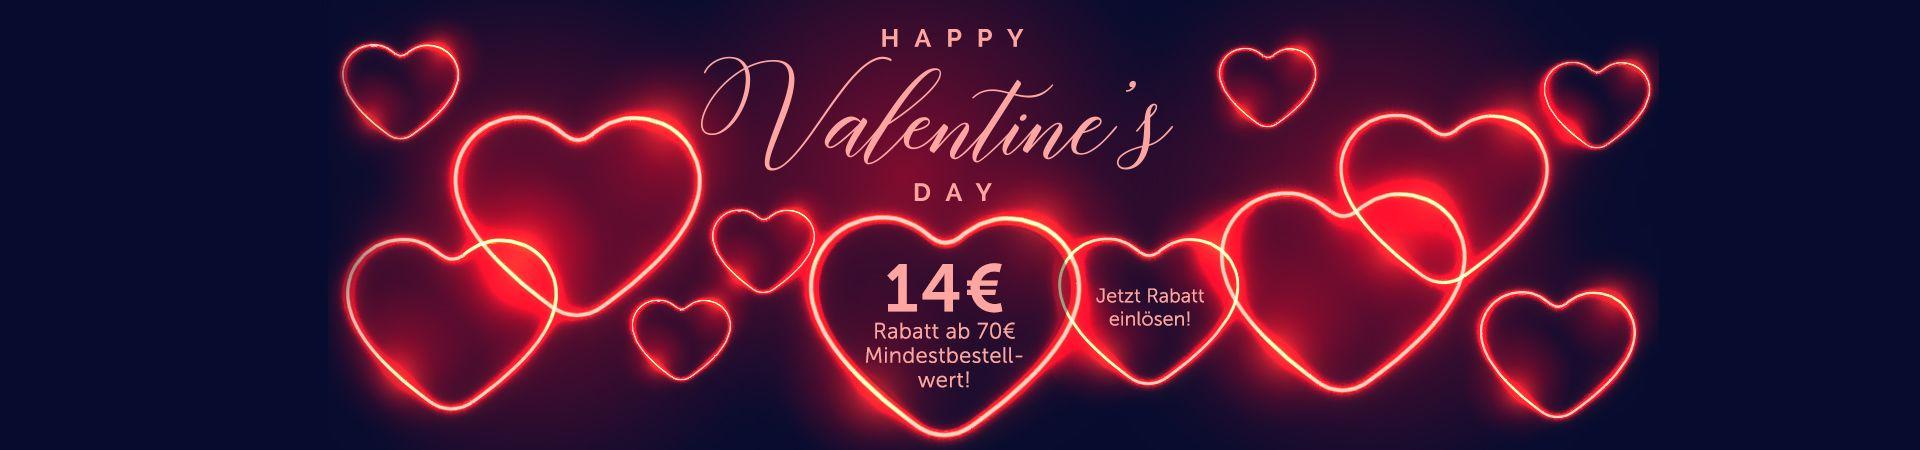 Spare bei der aktuellen Valentinstagsaktion 14€ ab 70€ Mindestbestellwert.